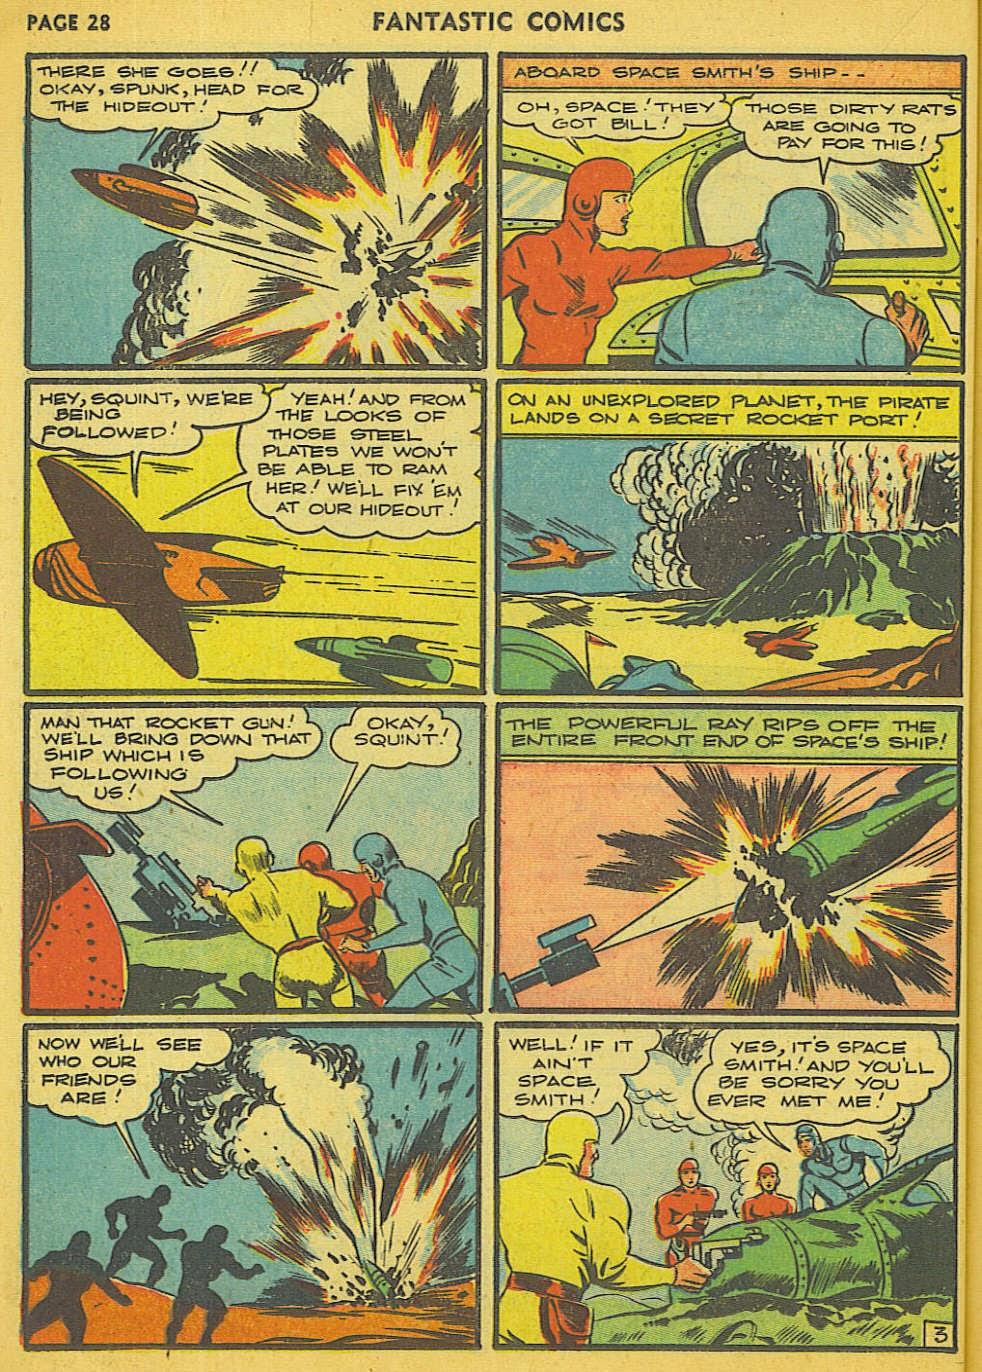 Read online Fantastic Comics comic -  Issue #15 - 22